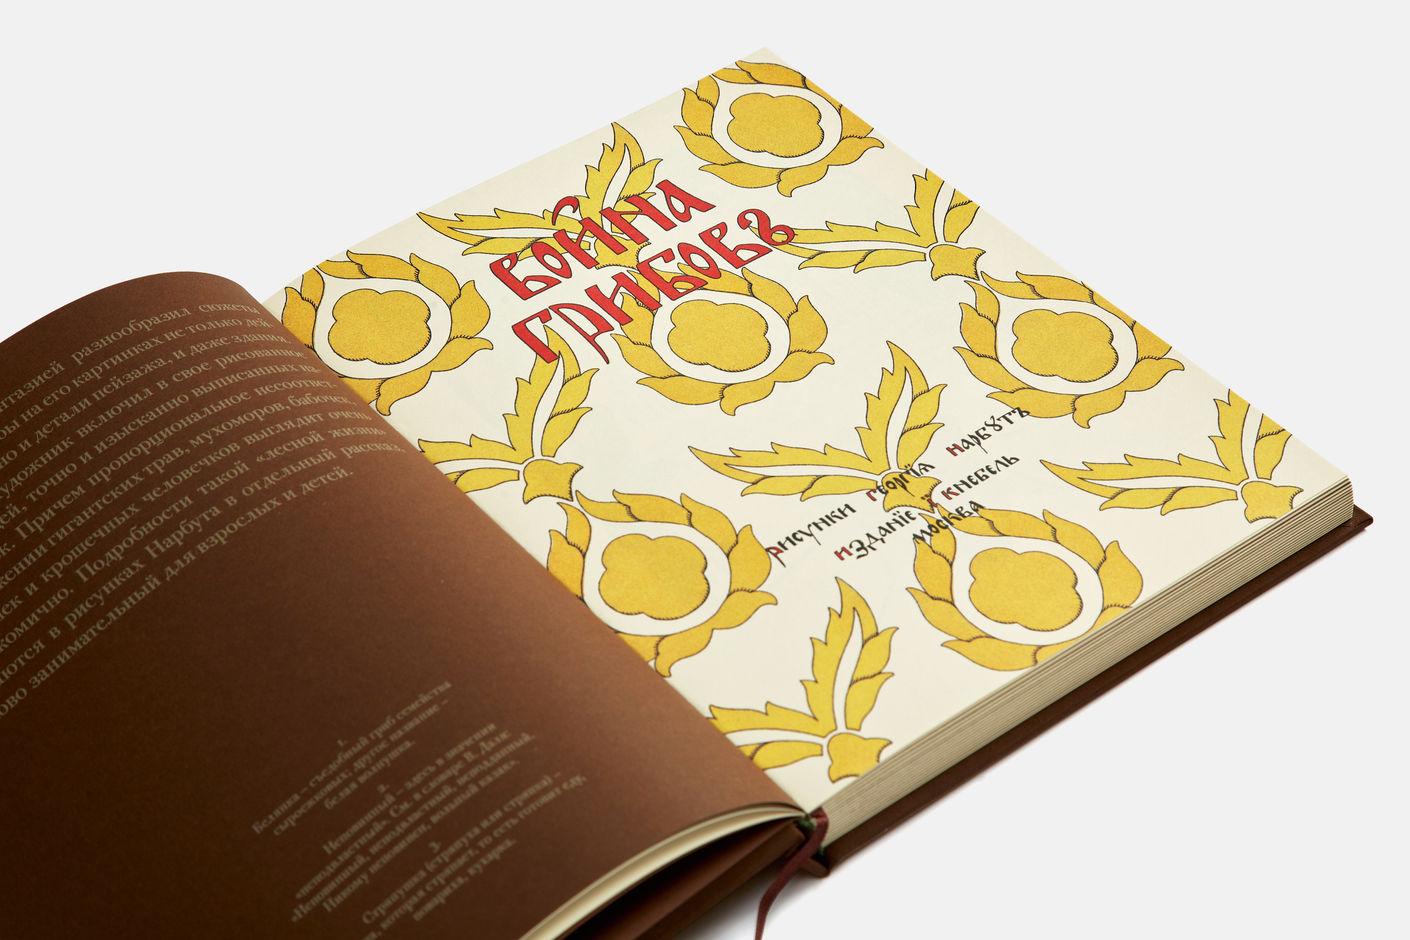 Подарочная книга Сказки. Книжные шедевры издательства И.Кнебеля, 2016, Агей Томеш